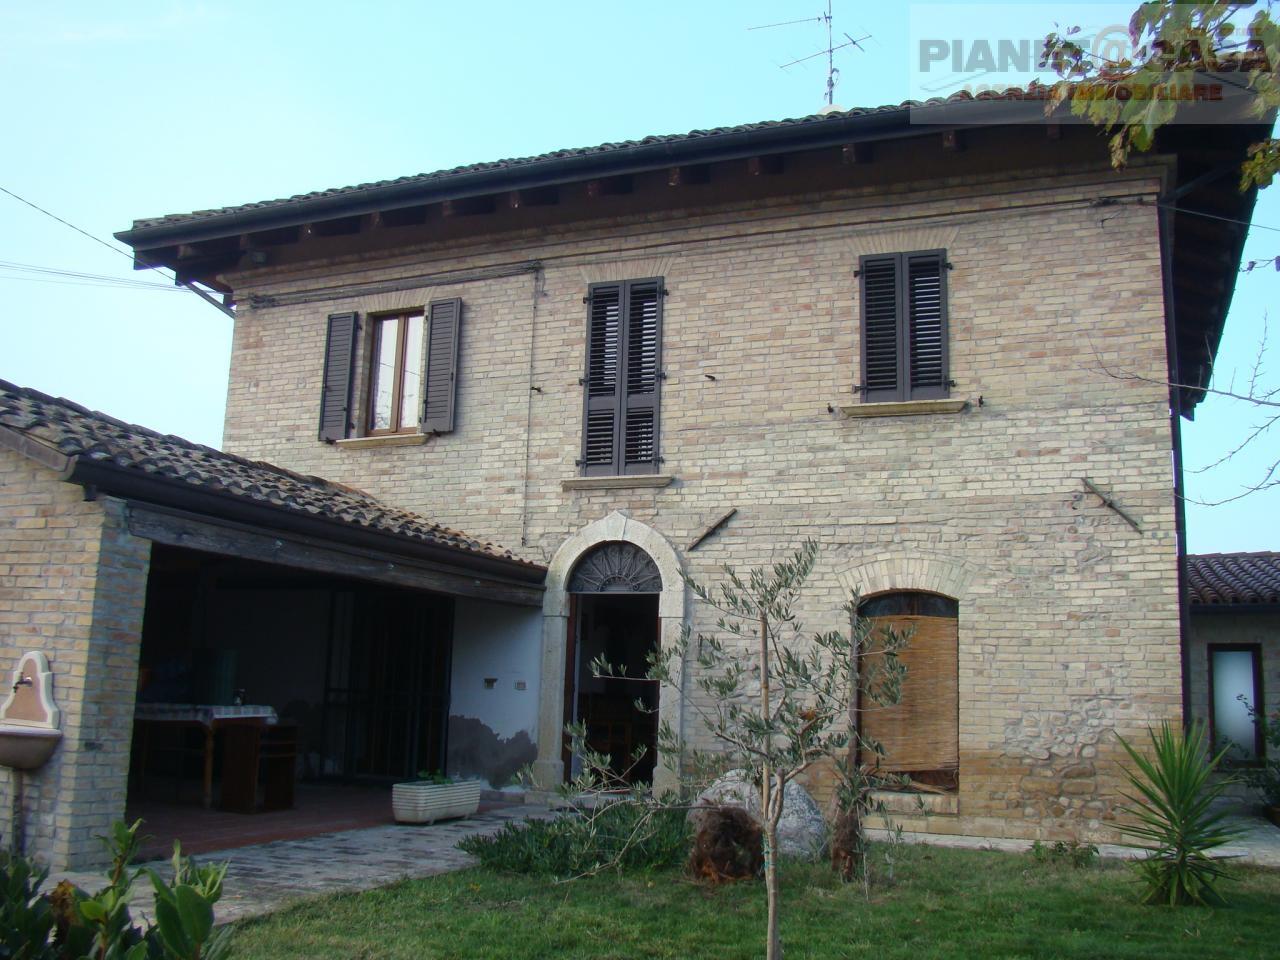 Rustico / Casale in vendita a Spinetoli, 9 locali, prezzo € 415.000 | Cambio Casa.it